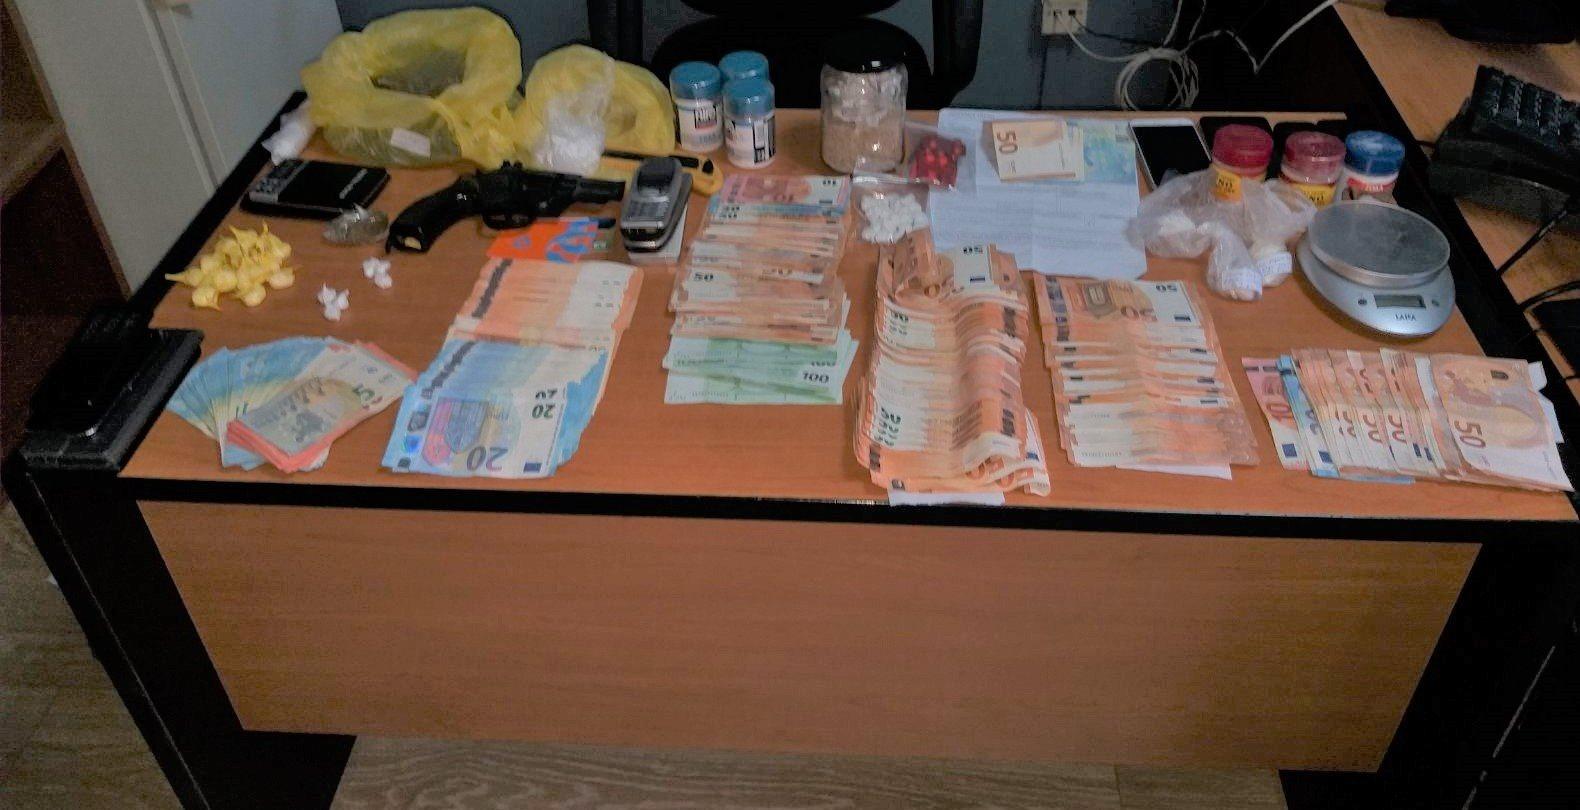 Έκρυβαν τα χρήματα στην... κατάψυξη! - Χειροπέδες σε τρεις Λαρισαίους για εγκληματική οργάνωση με ναρκωτικά (φωτό)